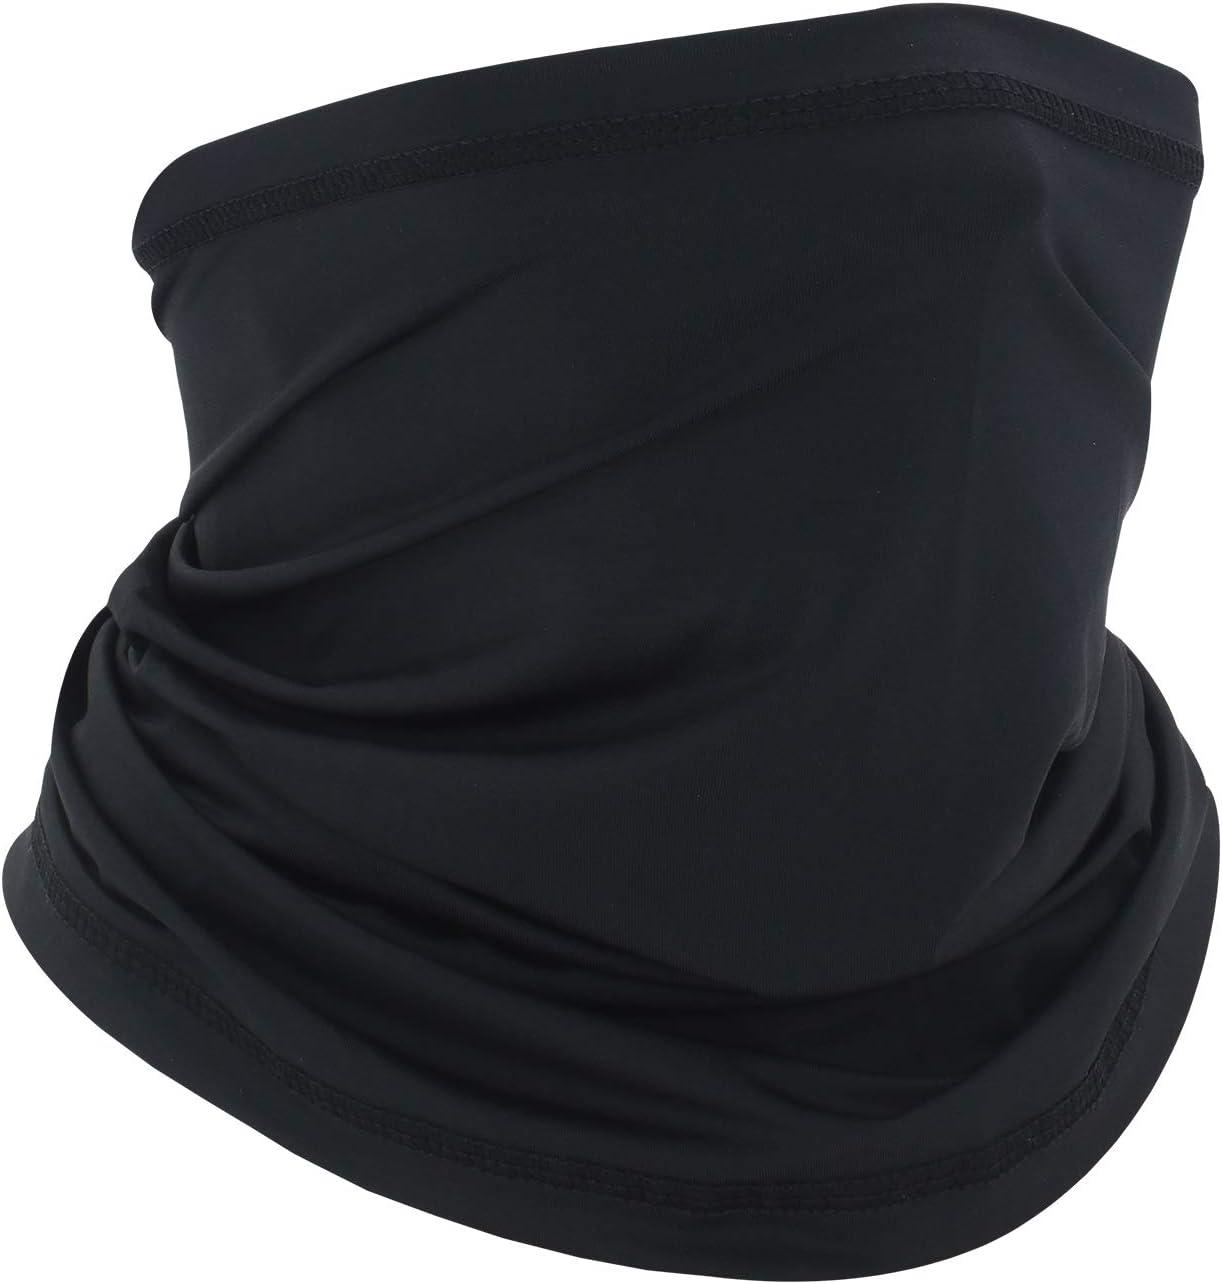 Noir+Gris01 Deweni Bandeau Multifonctionnel Protection UV Bandana /écharpe Respirant Cou gu/être /écharpe Chapeaux Cagoule pour Moto de Cyclisme en Plein air